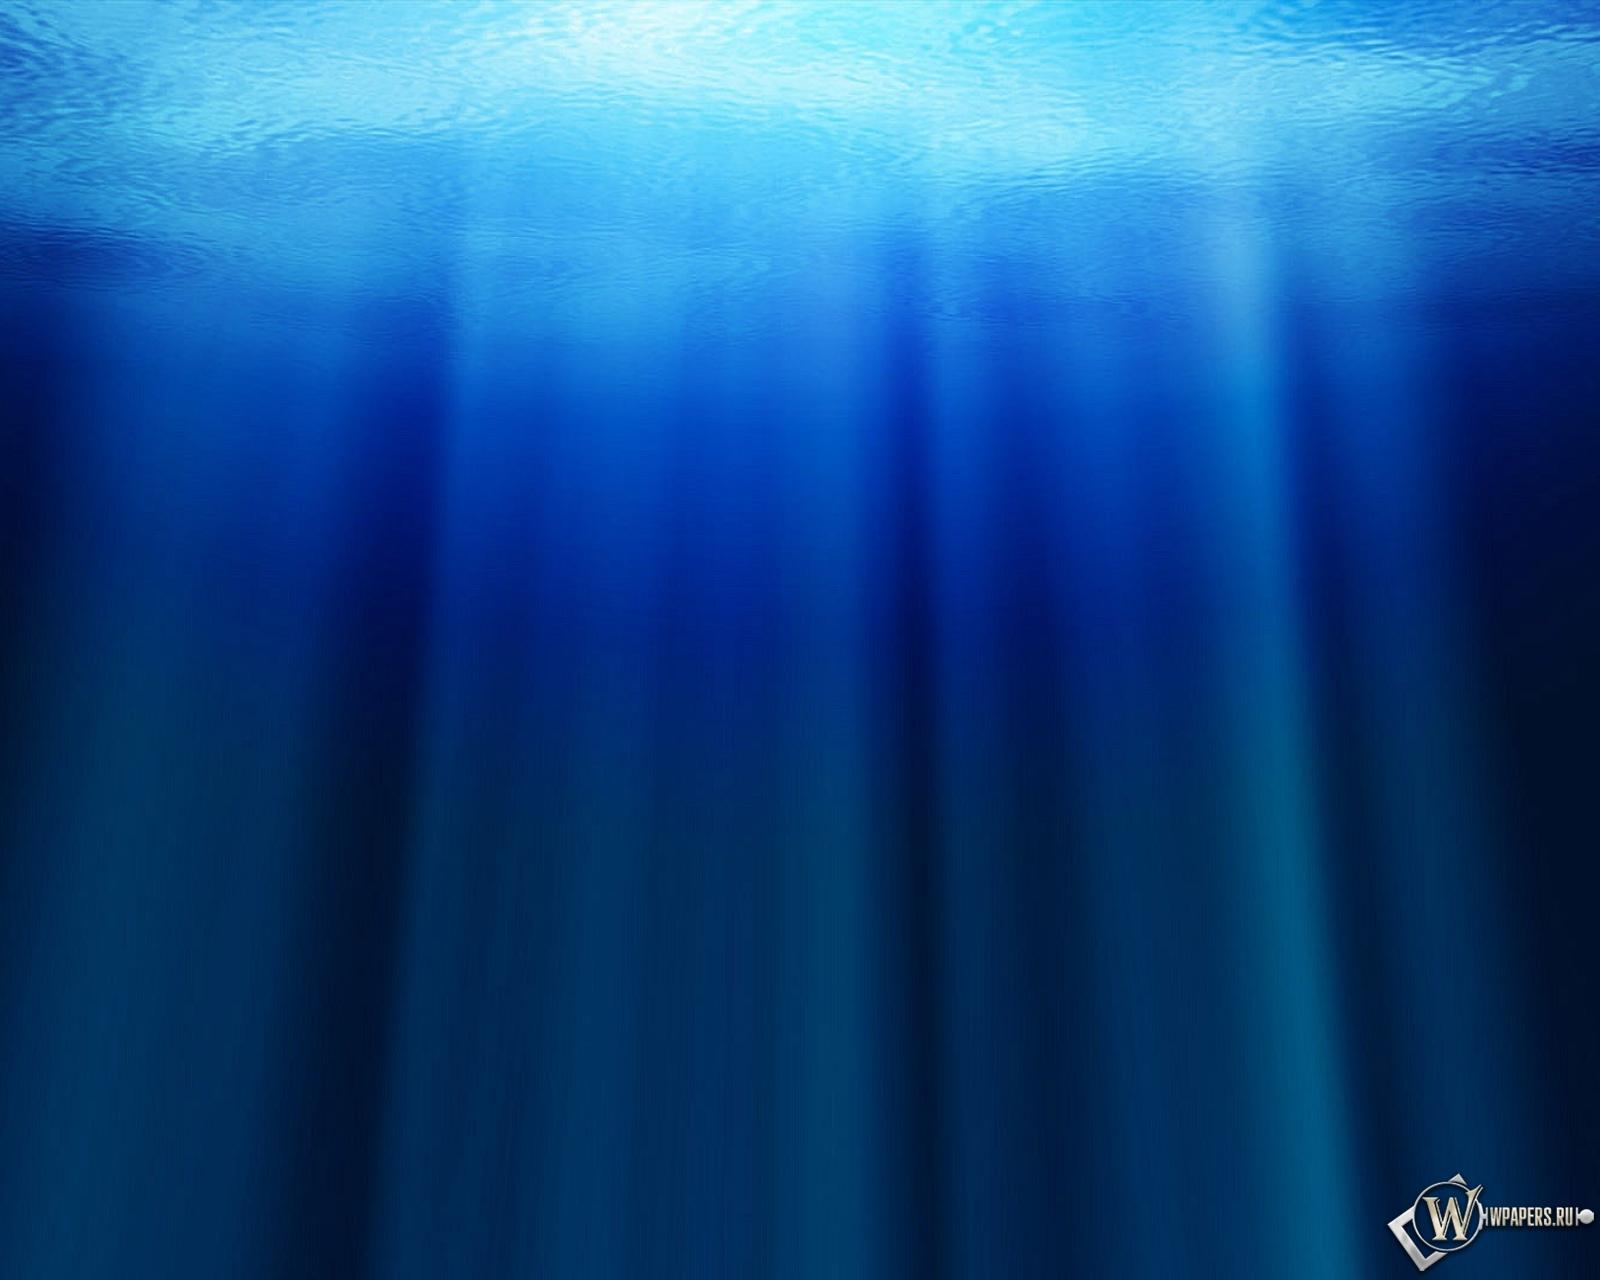 Под водой 1600x1280